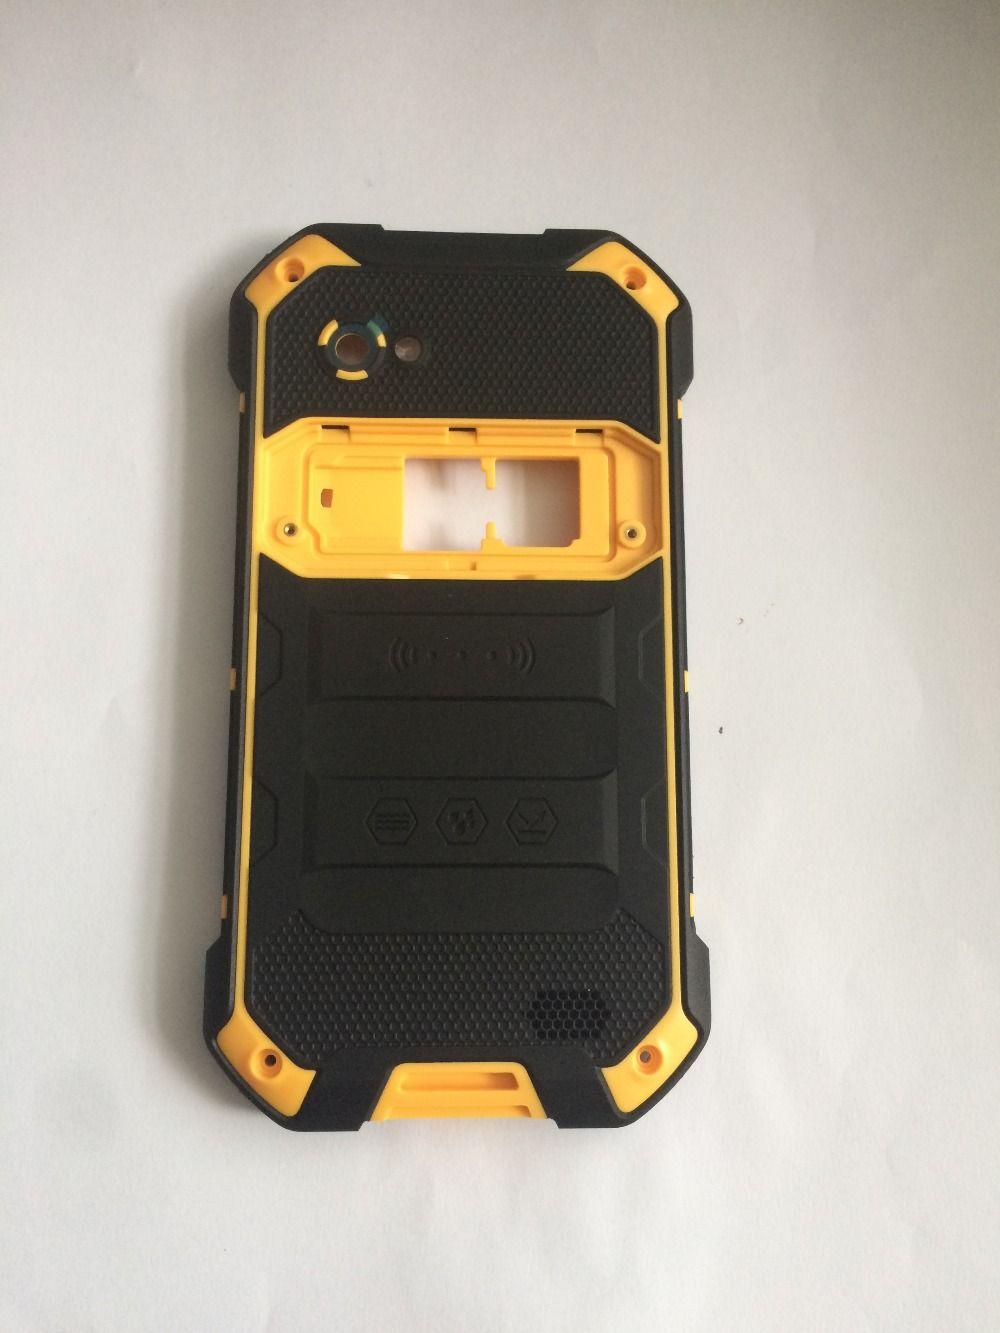 New Blackview BV6000 Battery Cover Back Shell+<font><b>Loud</b></font> Speaker For Blackview BV6000S Phone Free shipping+tracking number